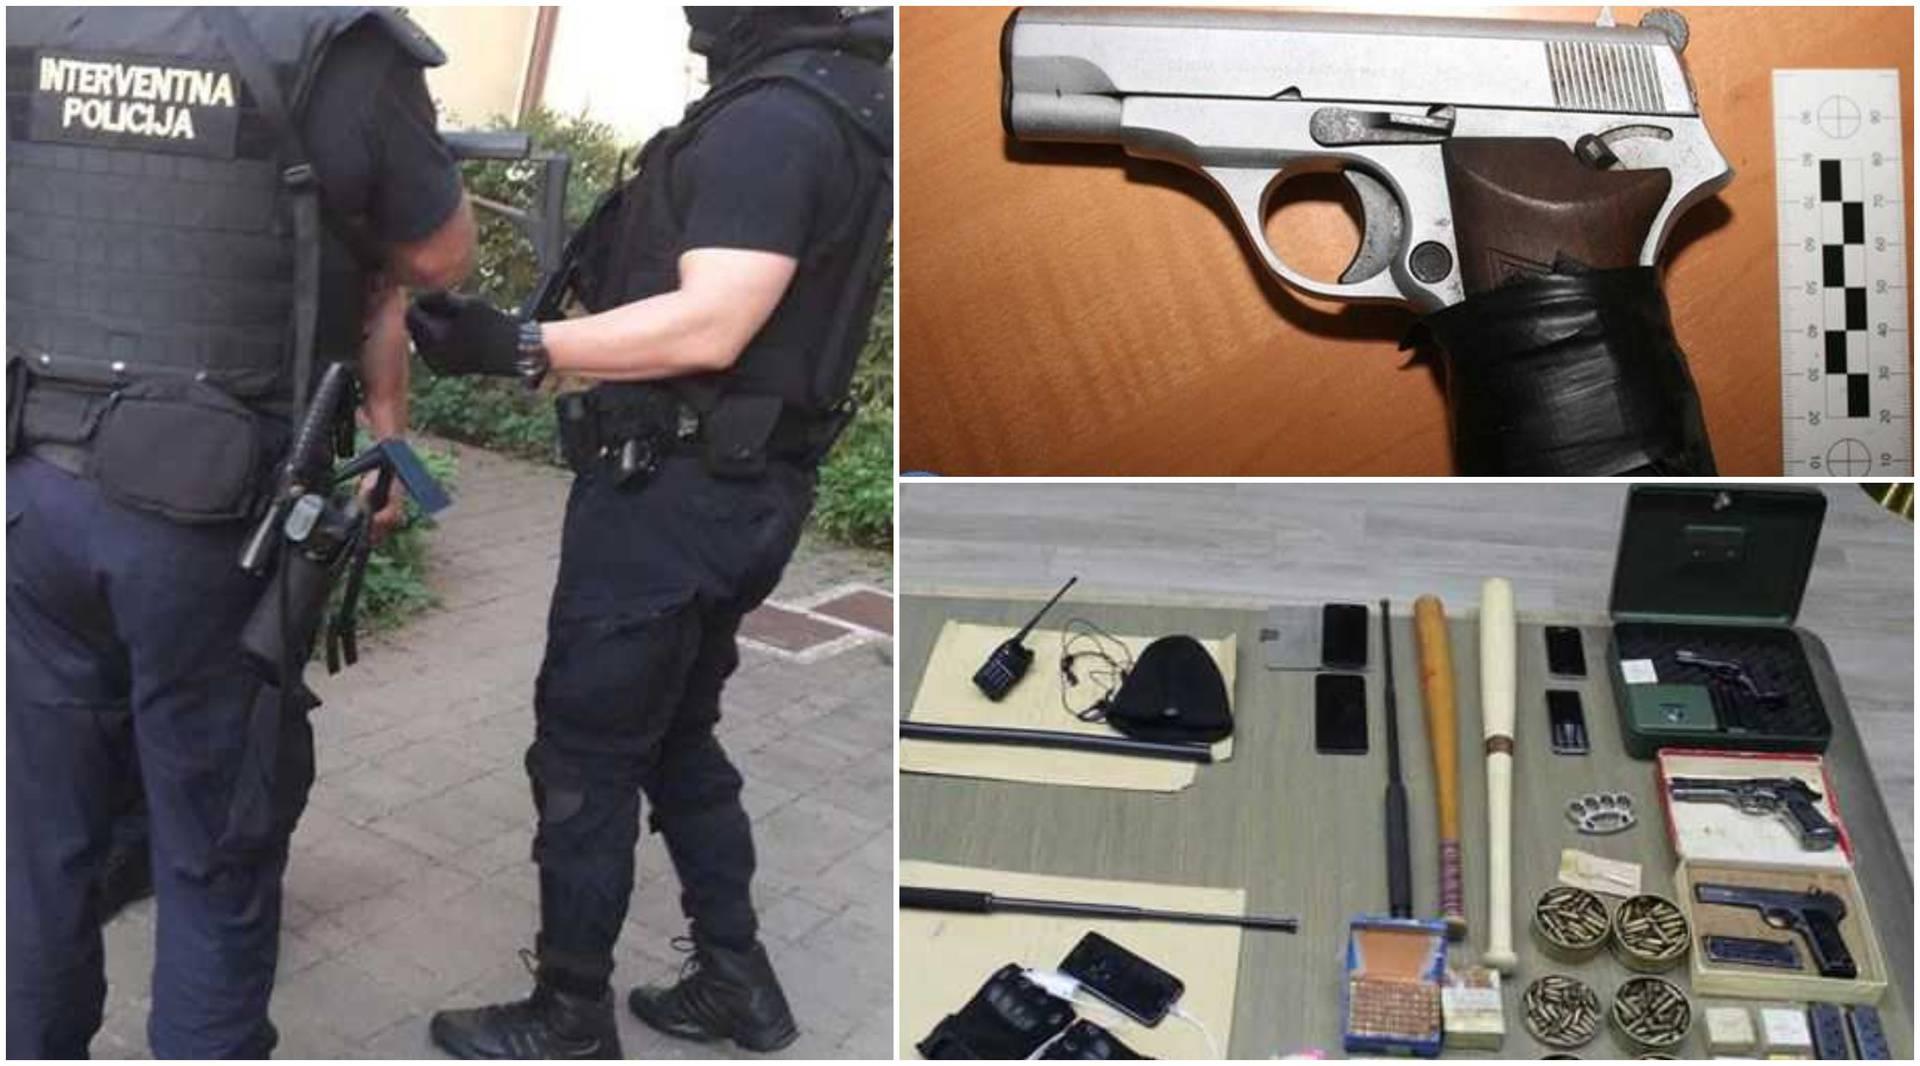 Policija upala u stanove i našla arsenal oružja, mladić iz Srbije bacio pištolj kroz prozor